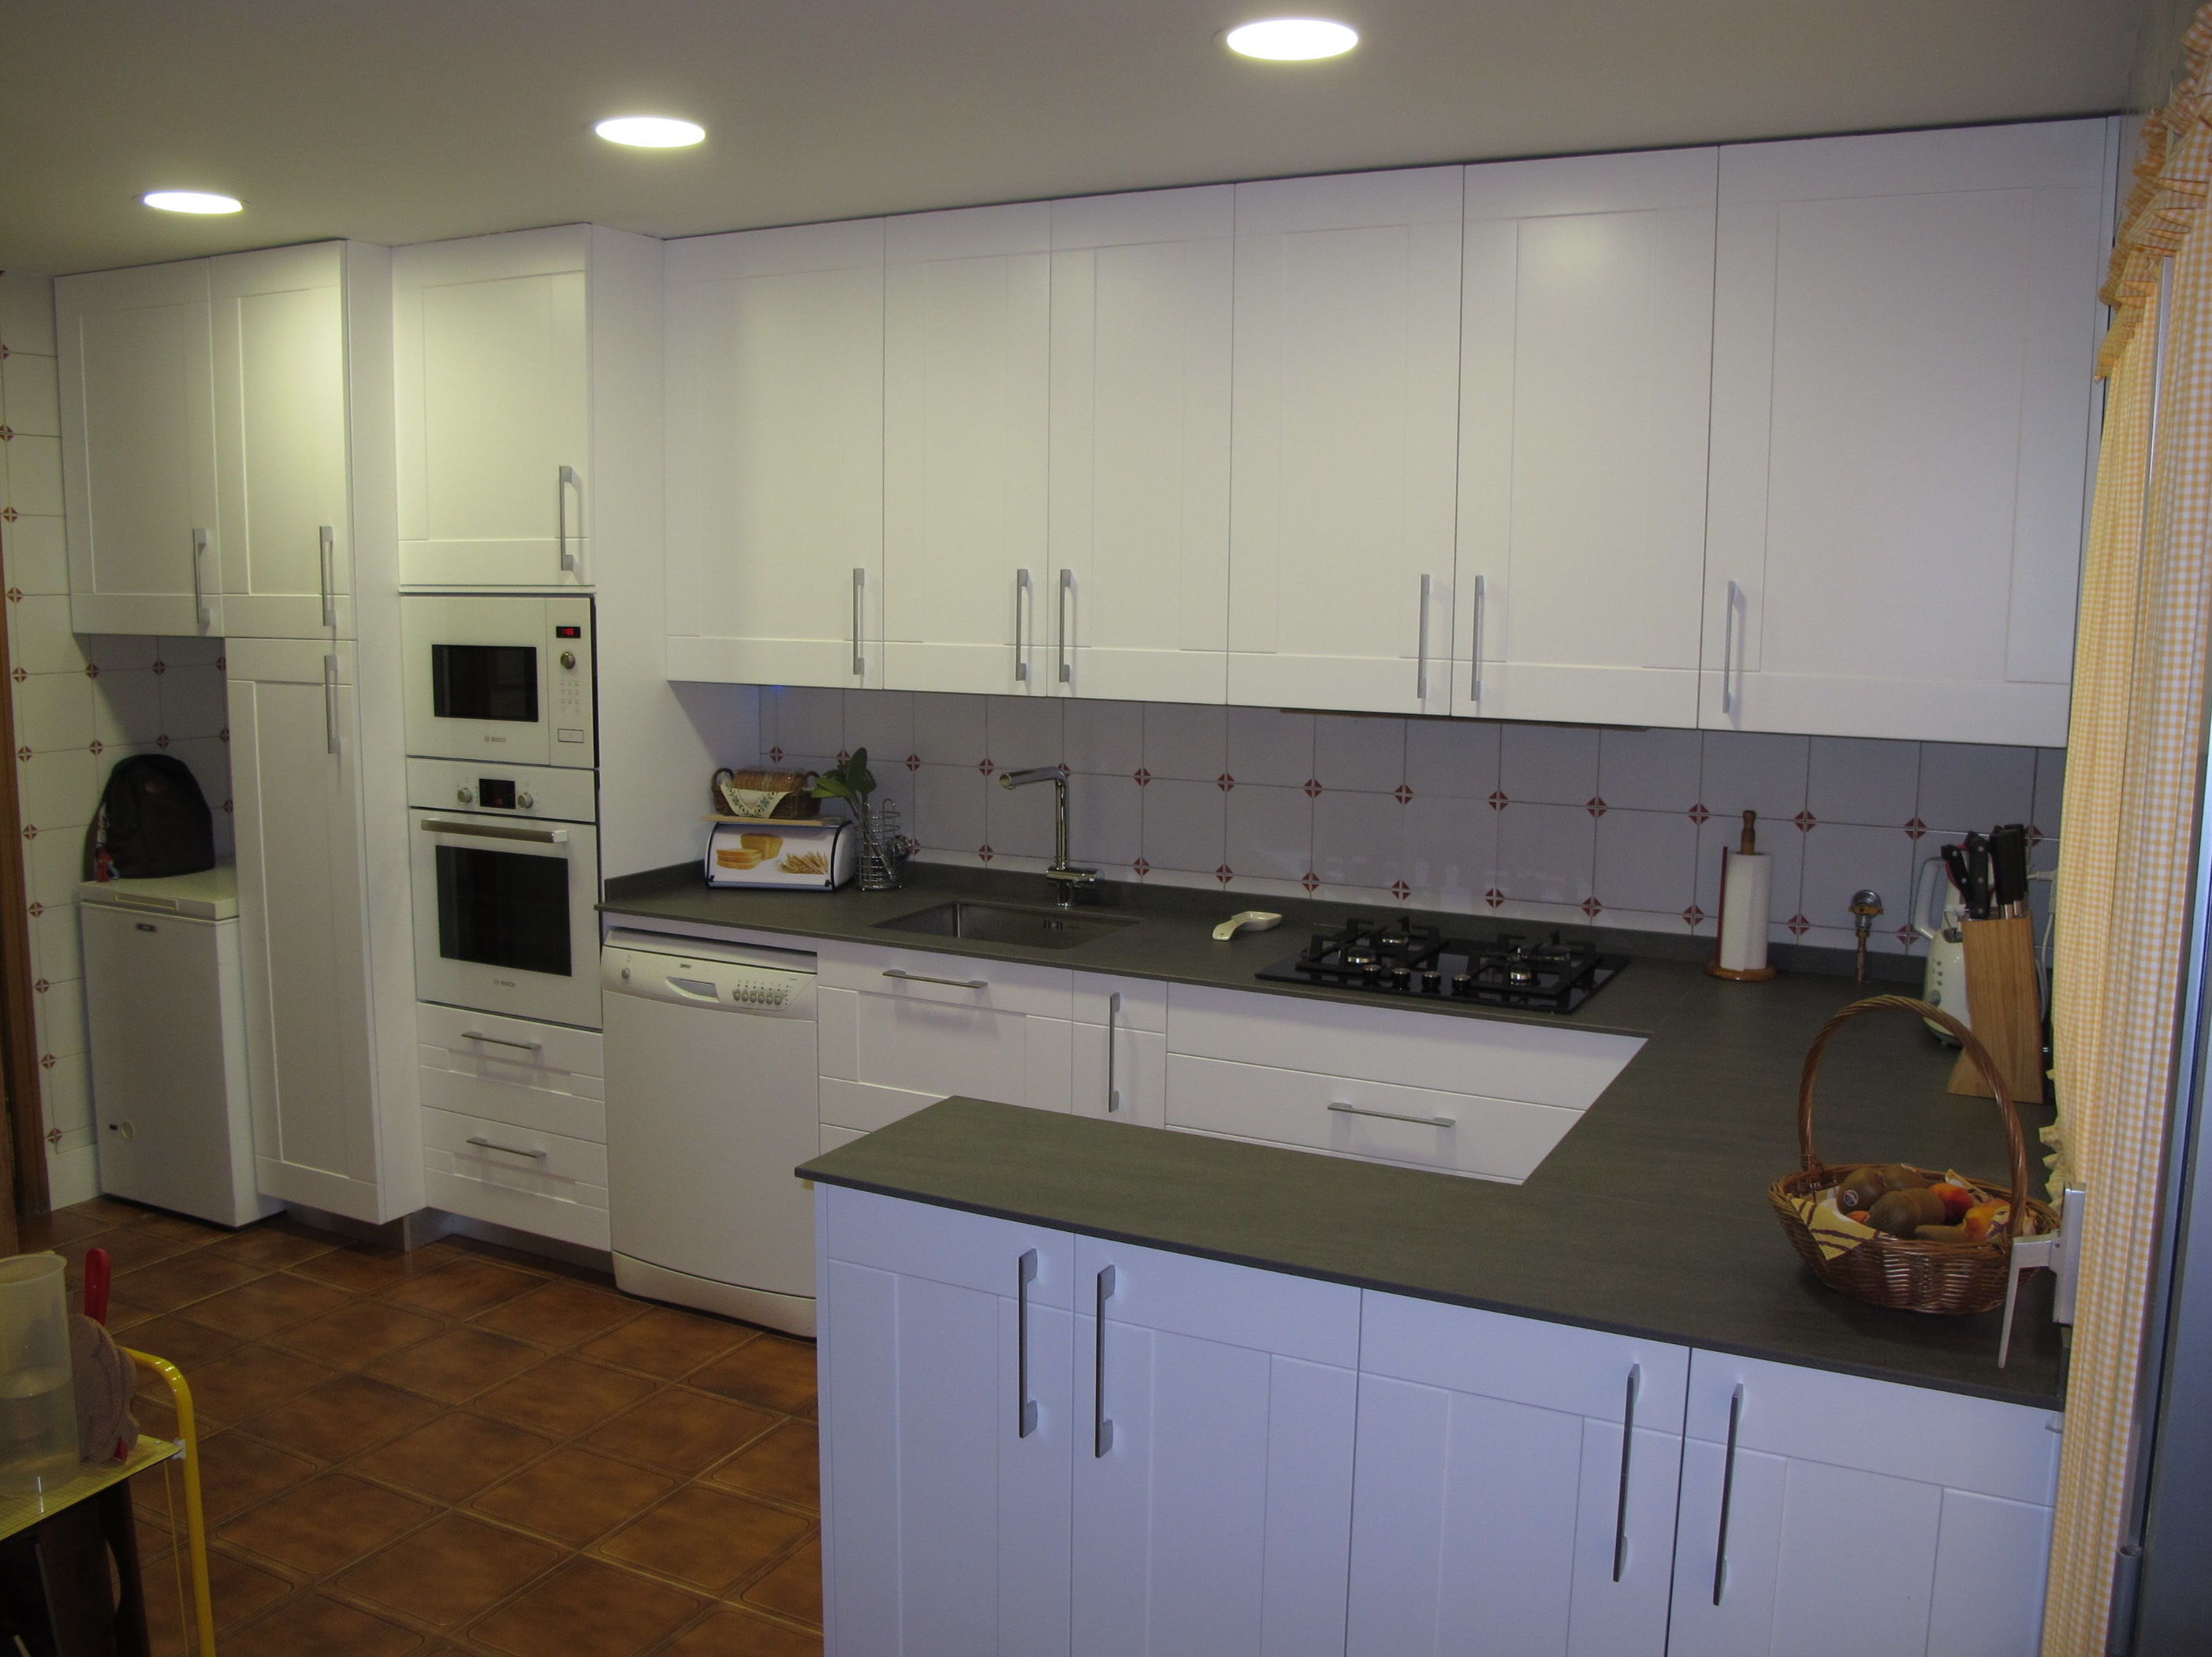 Diseo muebles cocina finest de cocina placares interiores - Muebles cocina blanco ...